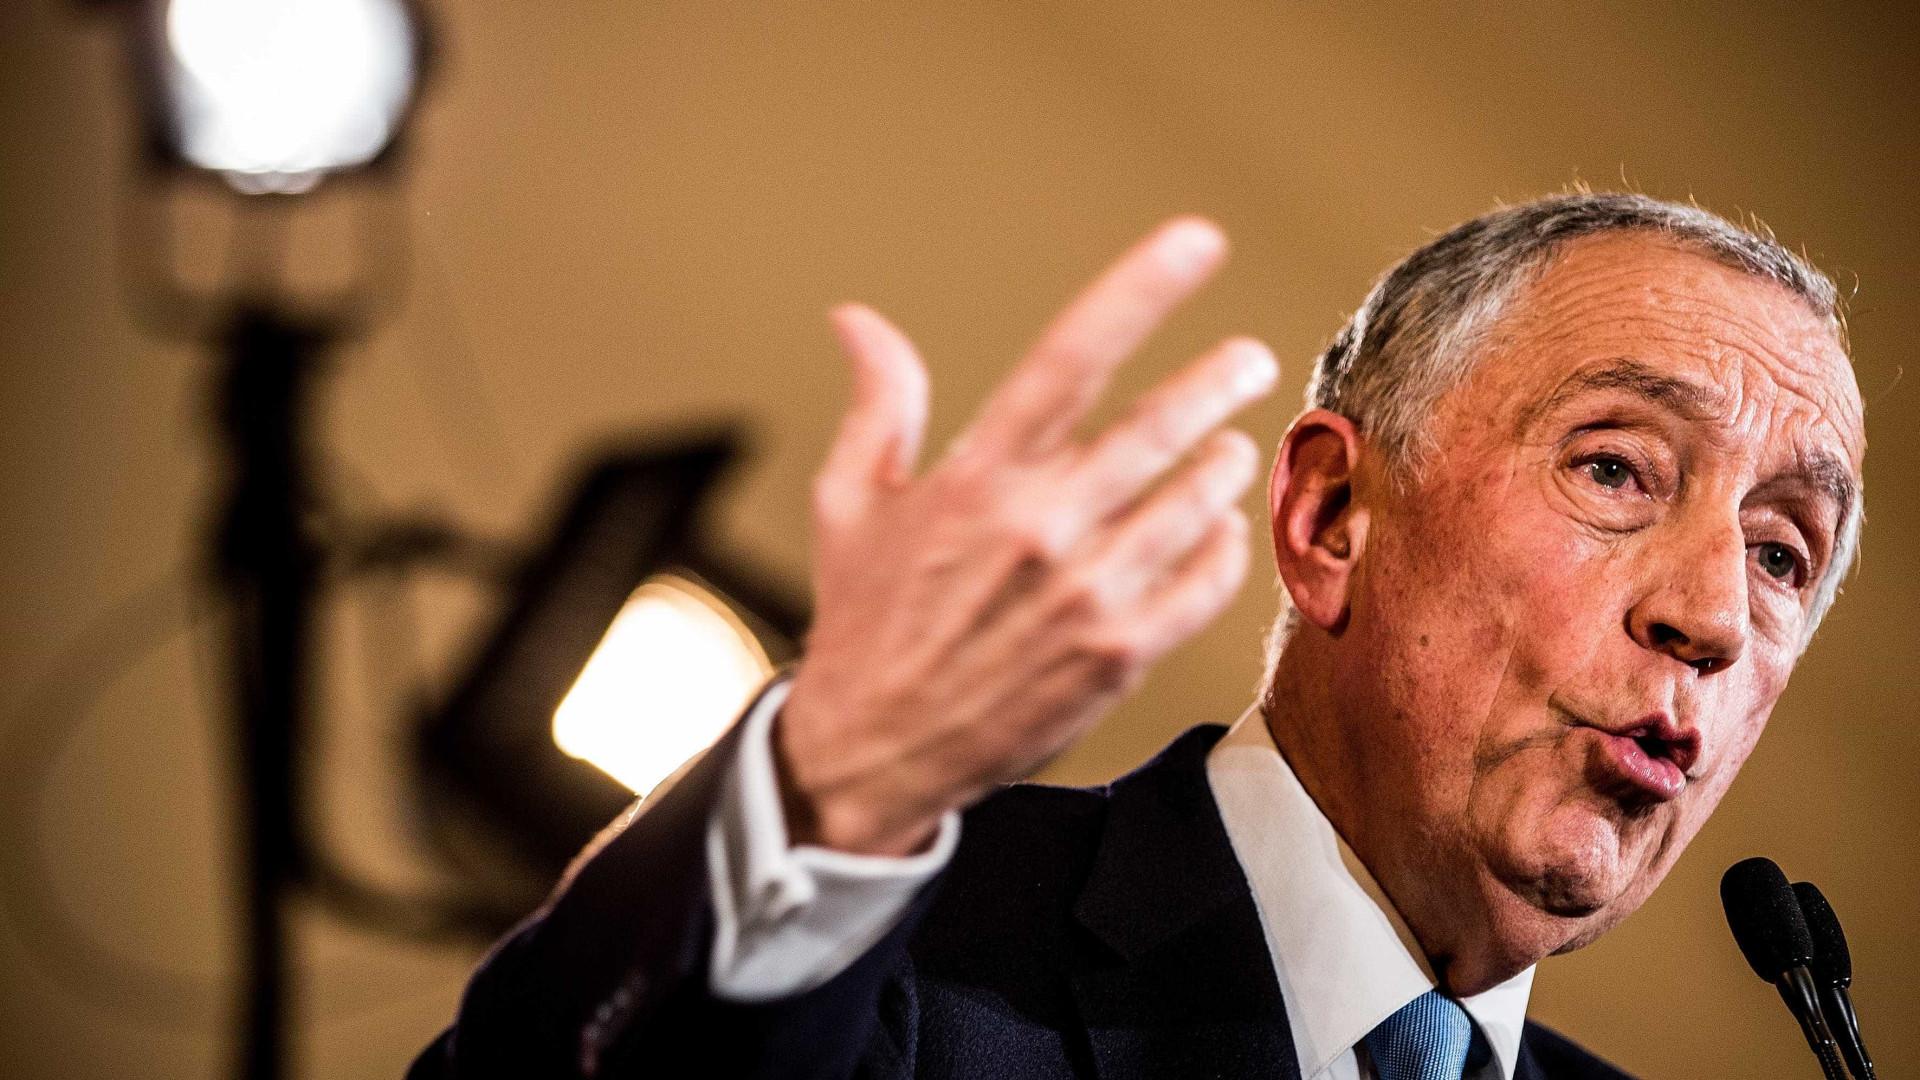 Marcelo invoca Chirac como alerta para riscos da dissolução do parlamento